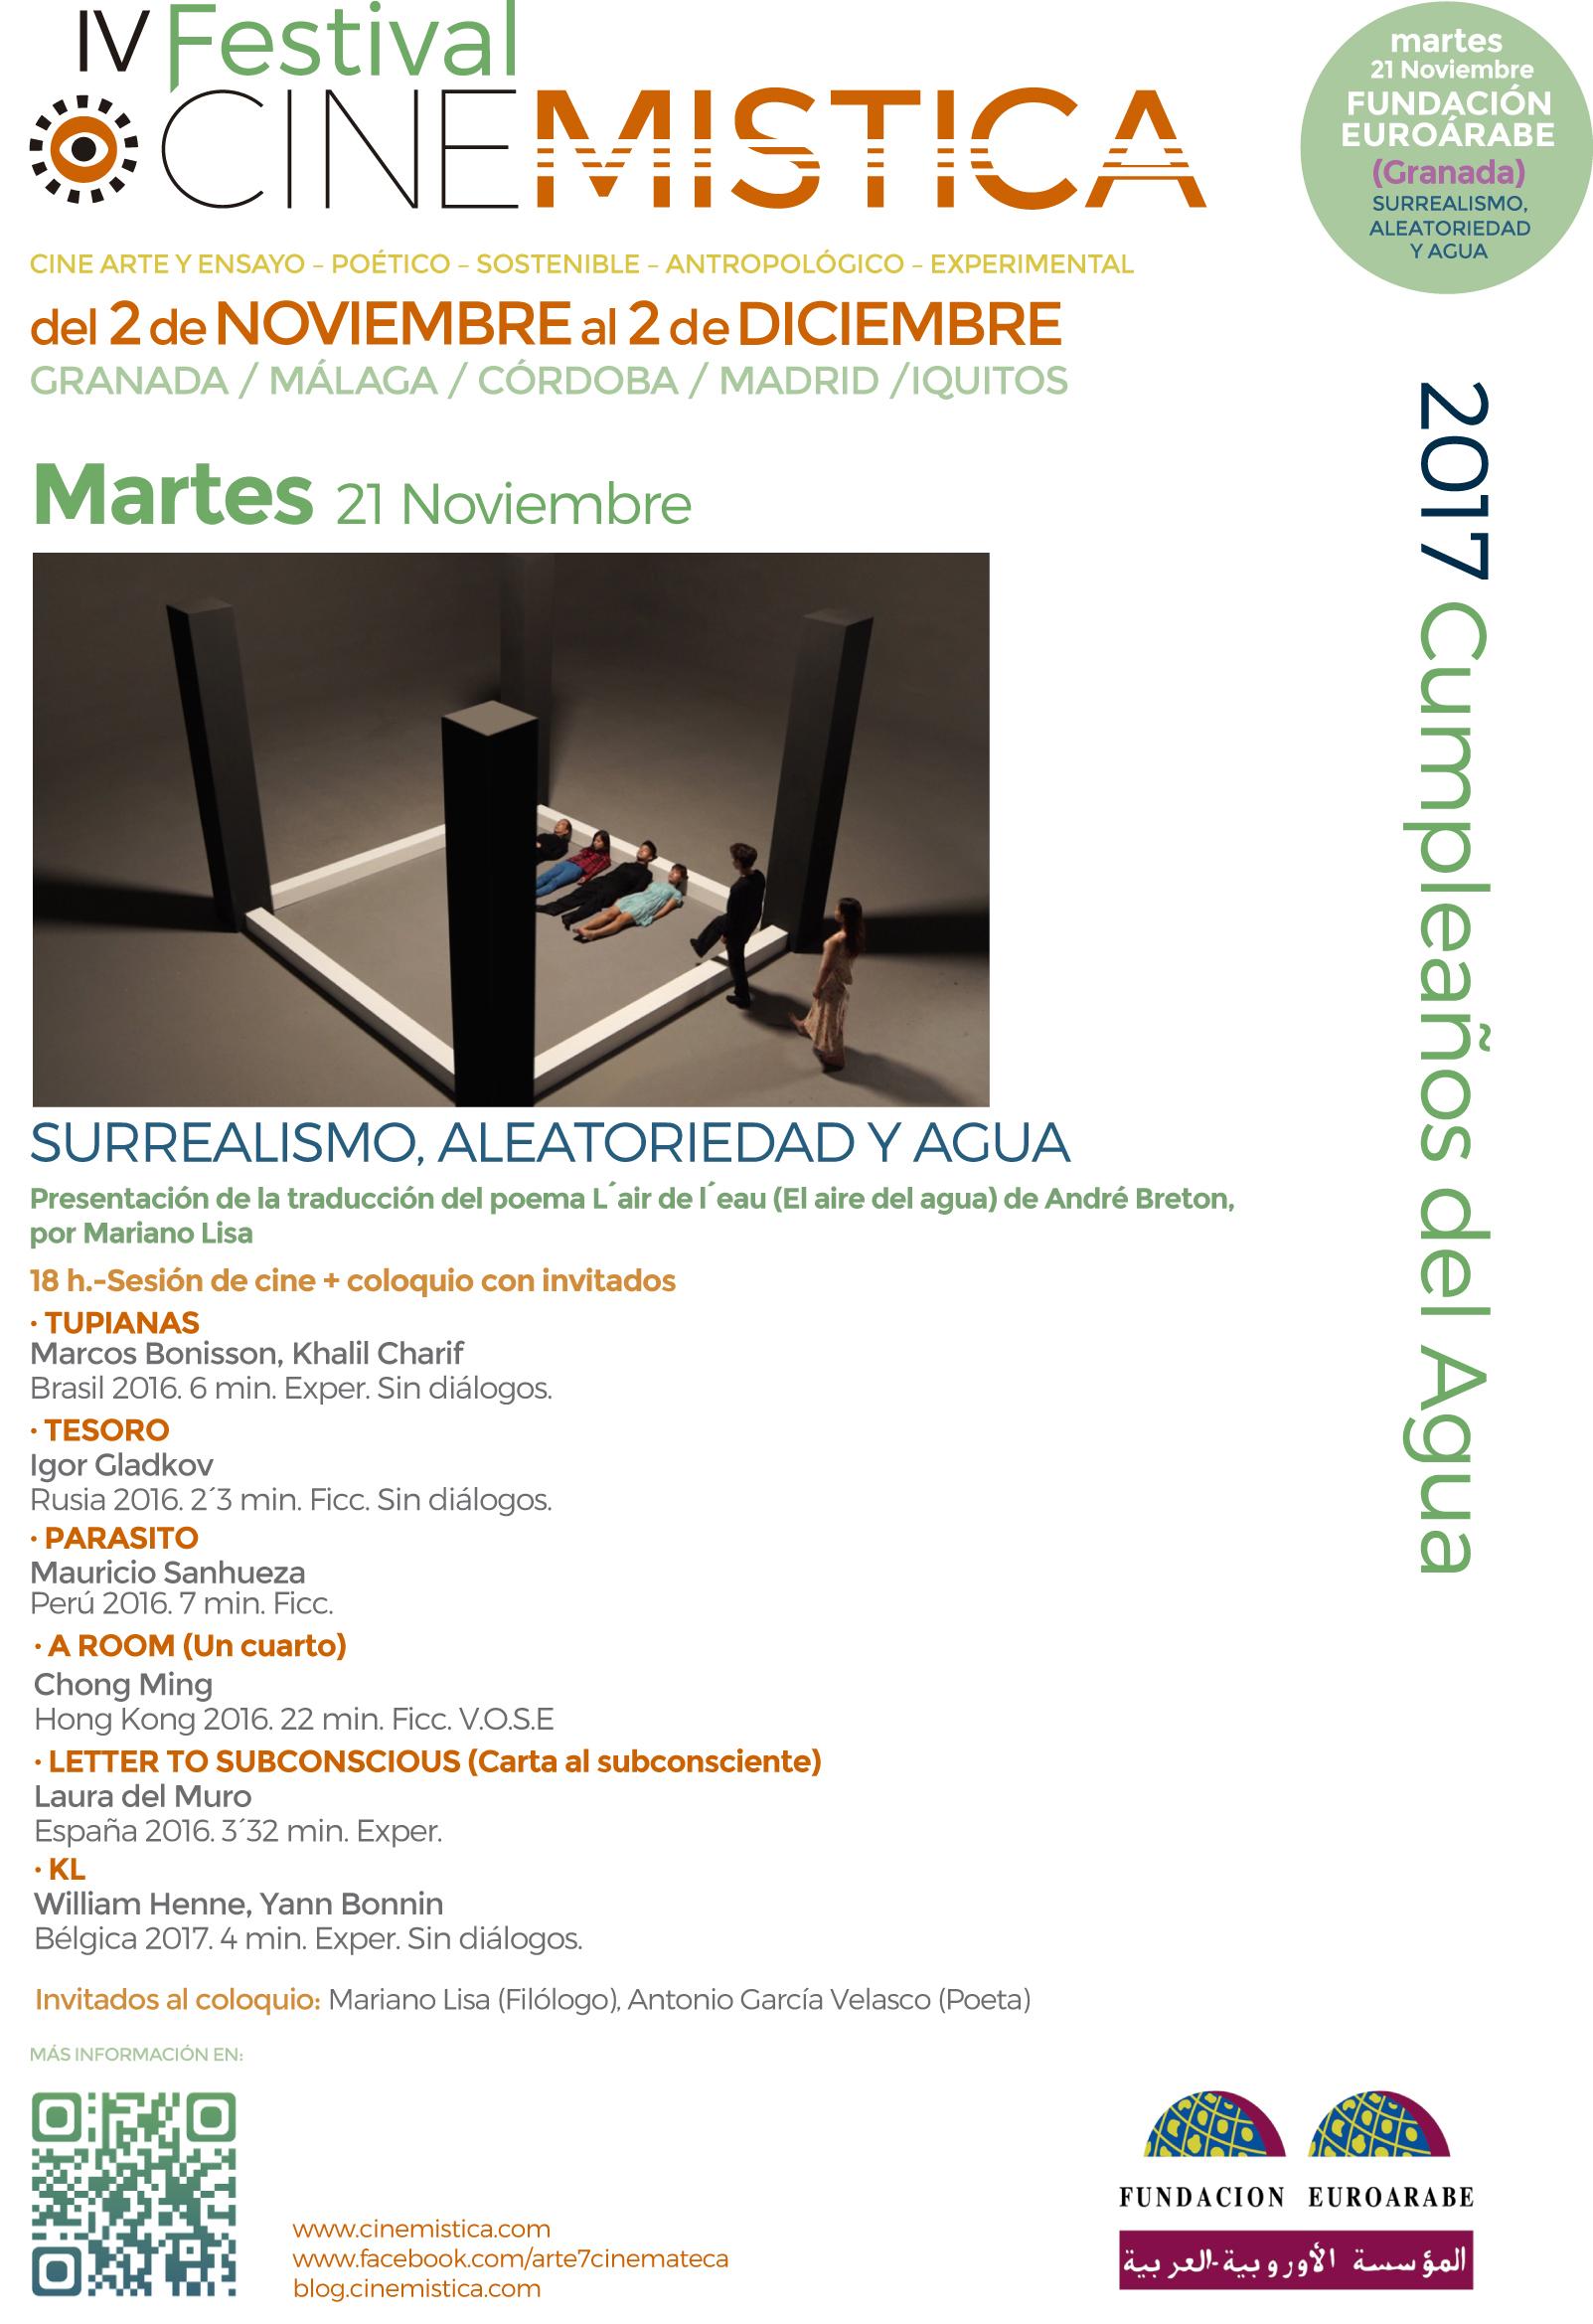 19. Programa Martes 21. Fund Euroarabe